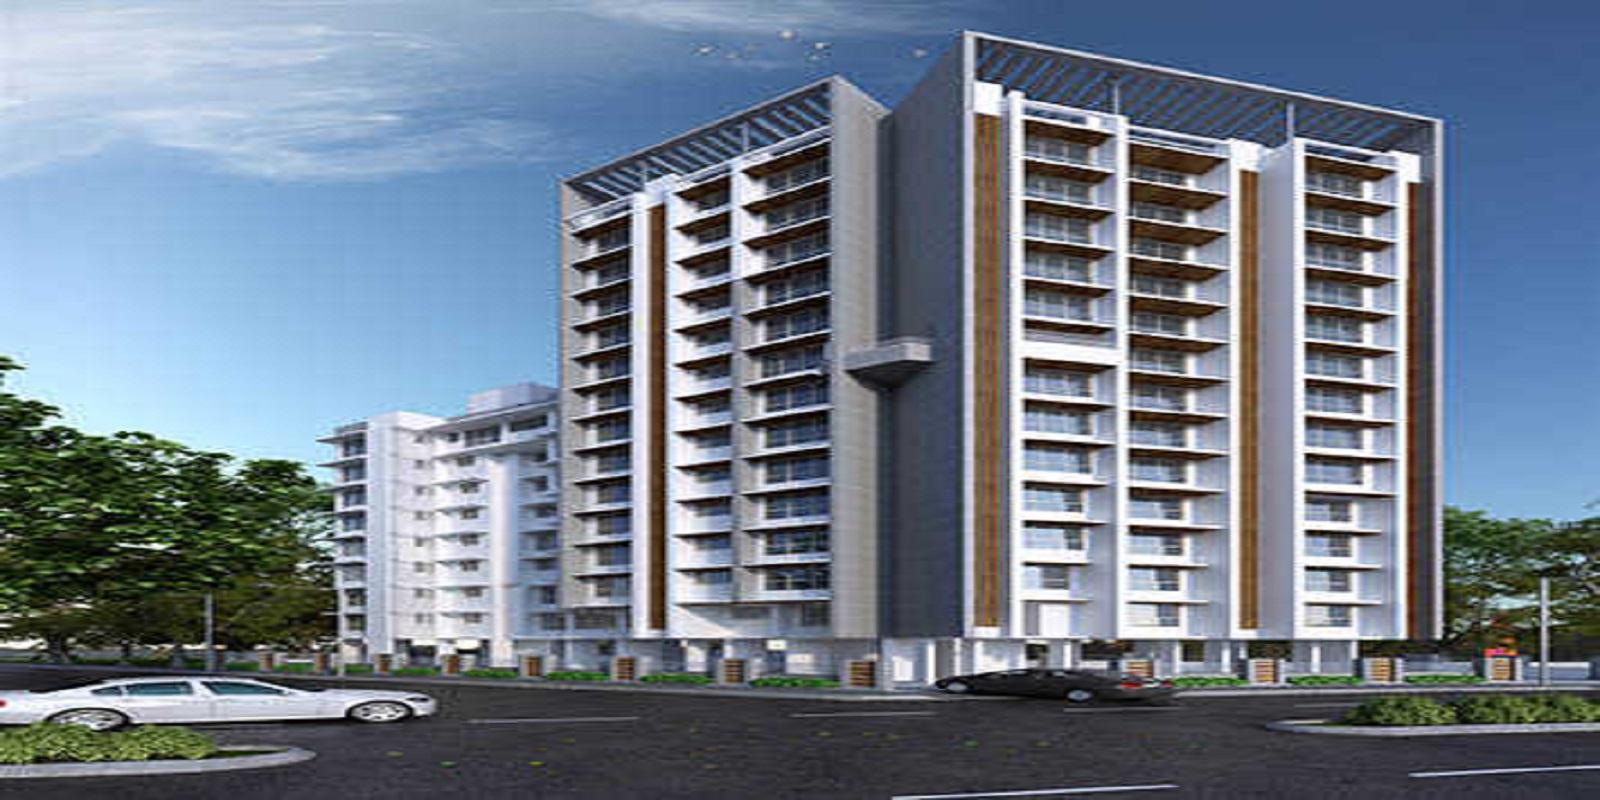 neumec villa project large image3